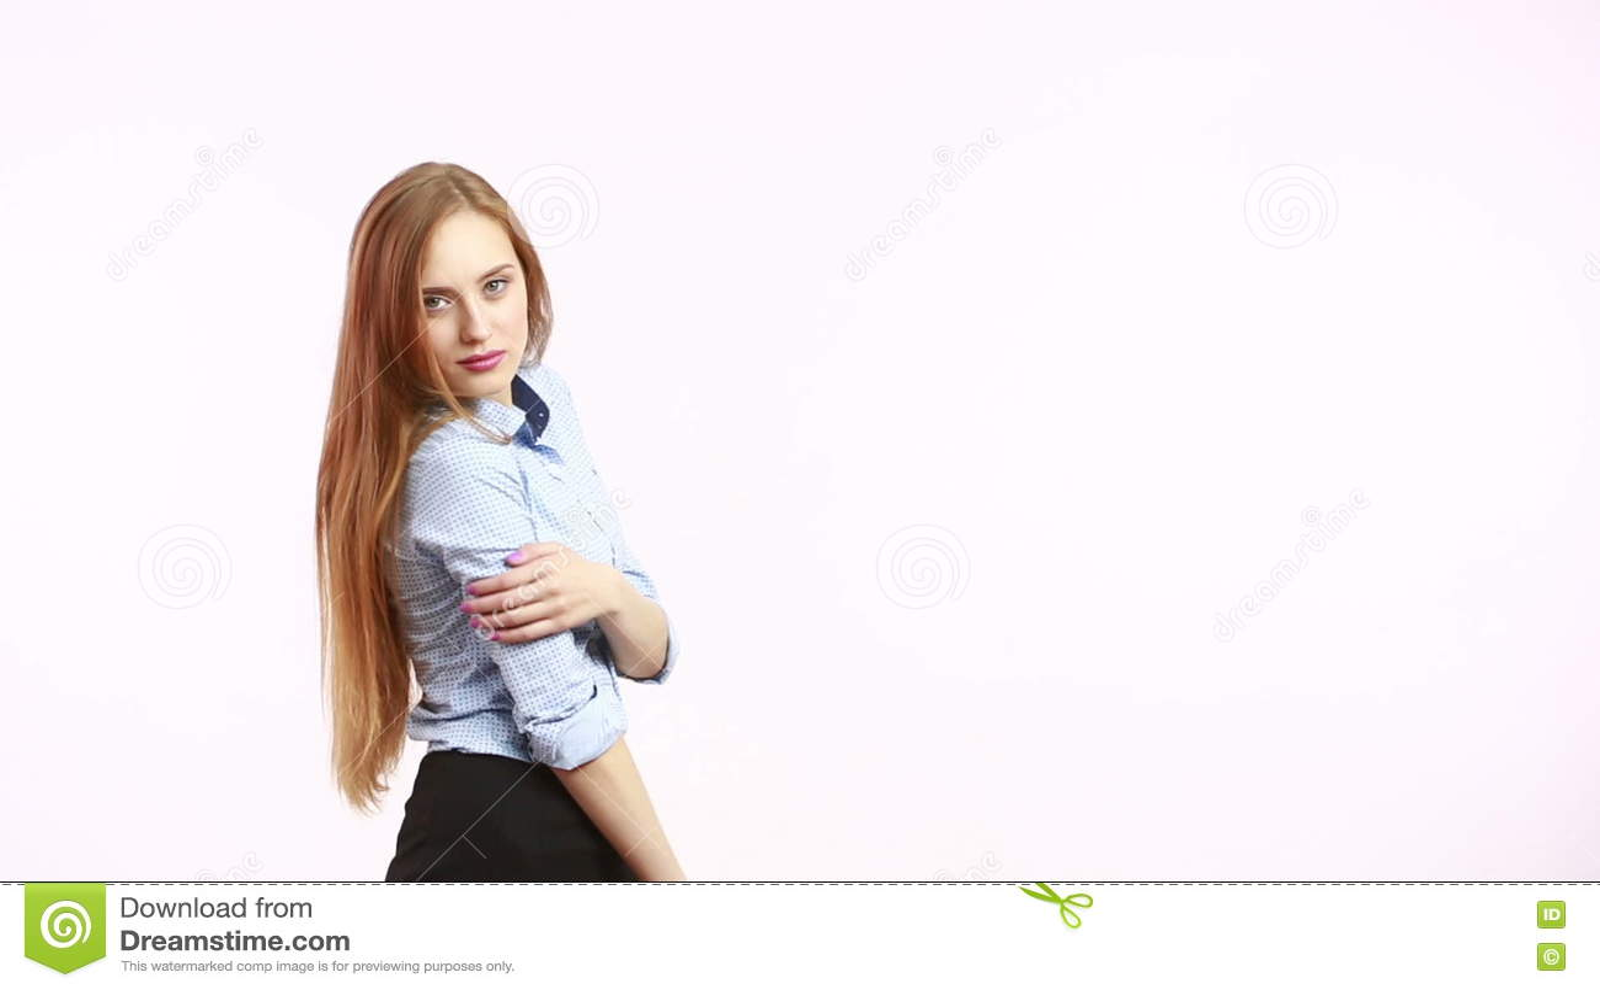 körpersprache frau sexuelles interesse erlangen